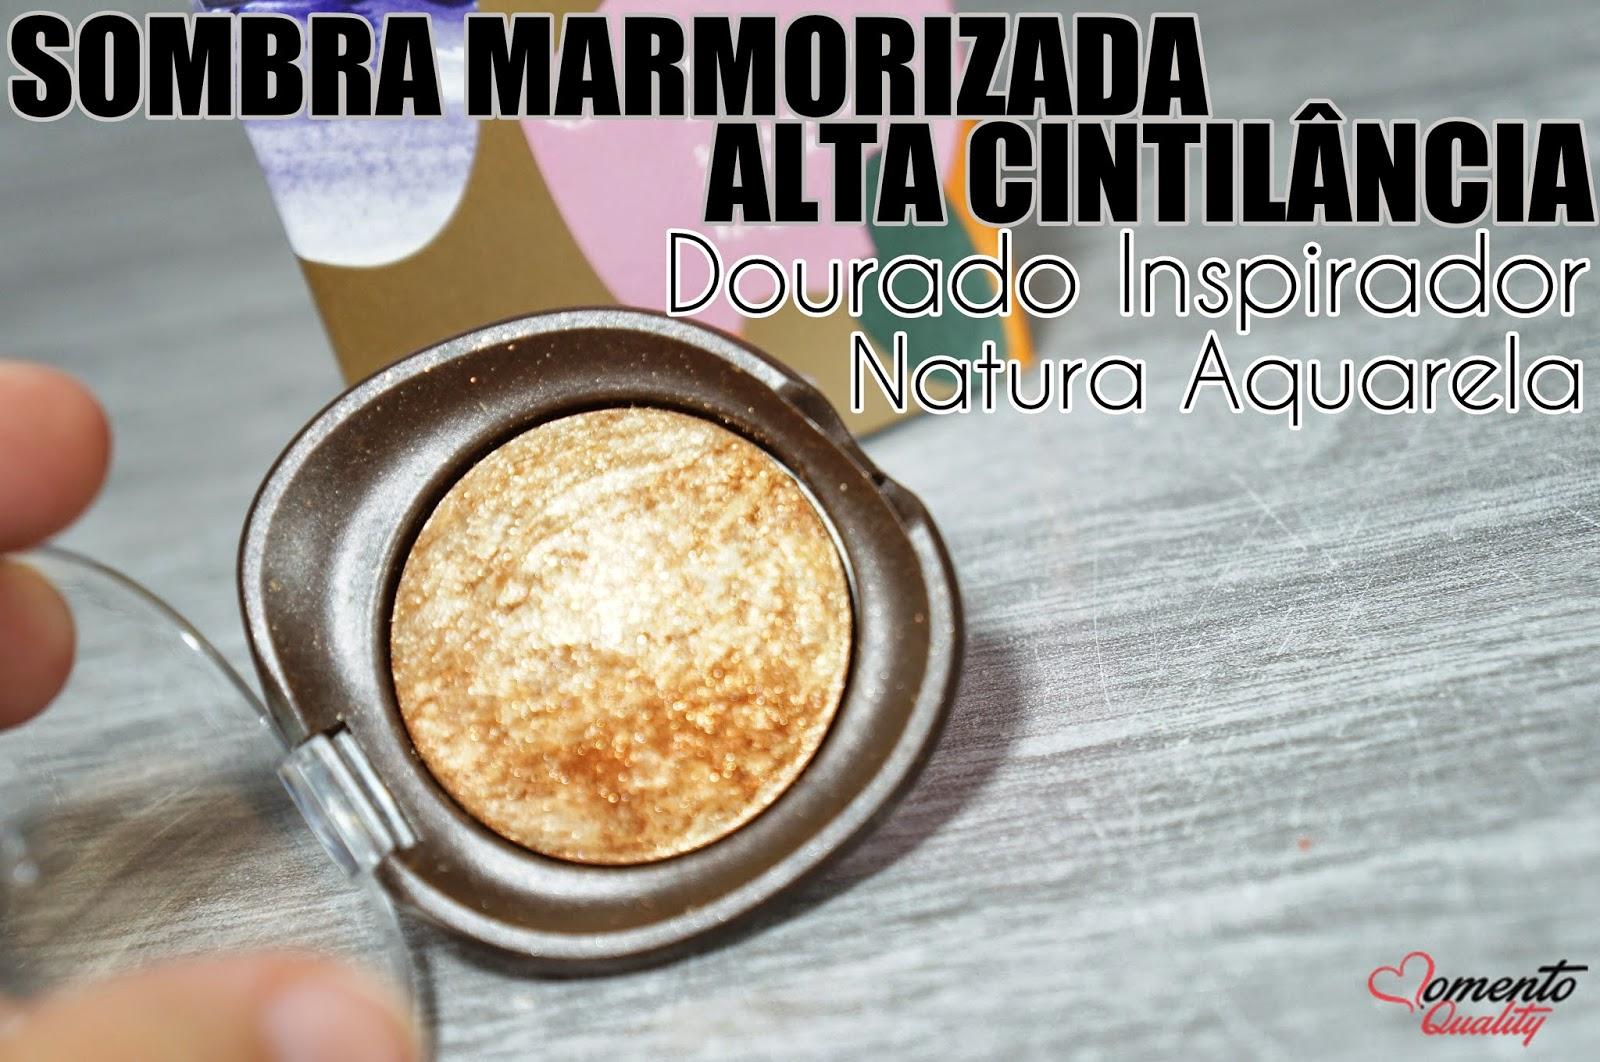 Sombra Marmorizada Alta Cintilância Dourado Inspirador Natura Aquarela